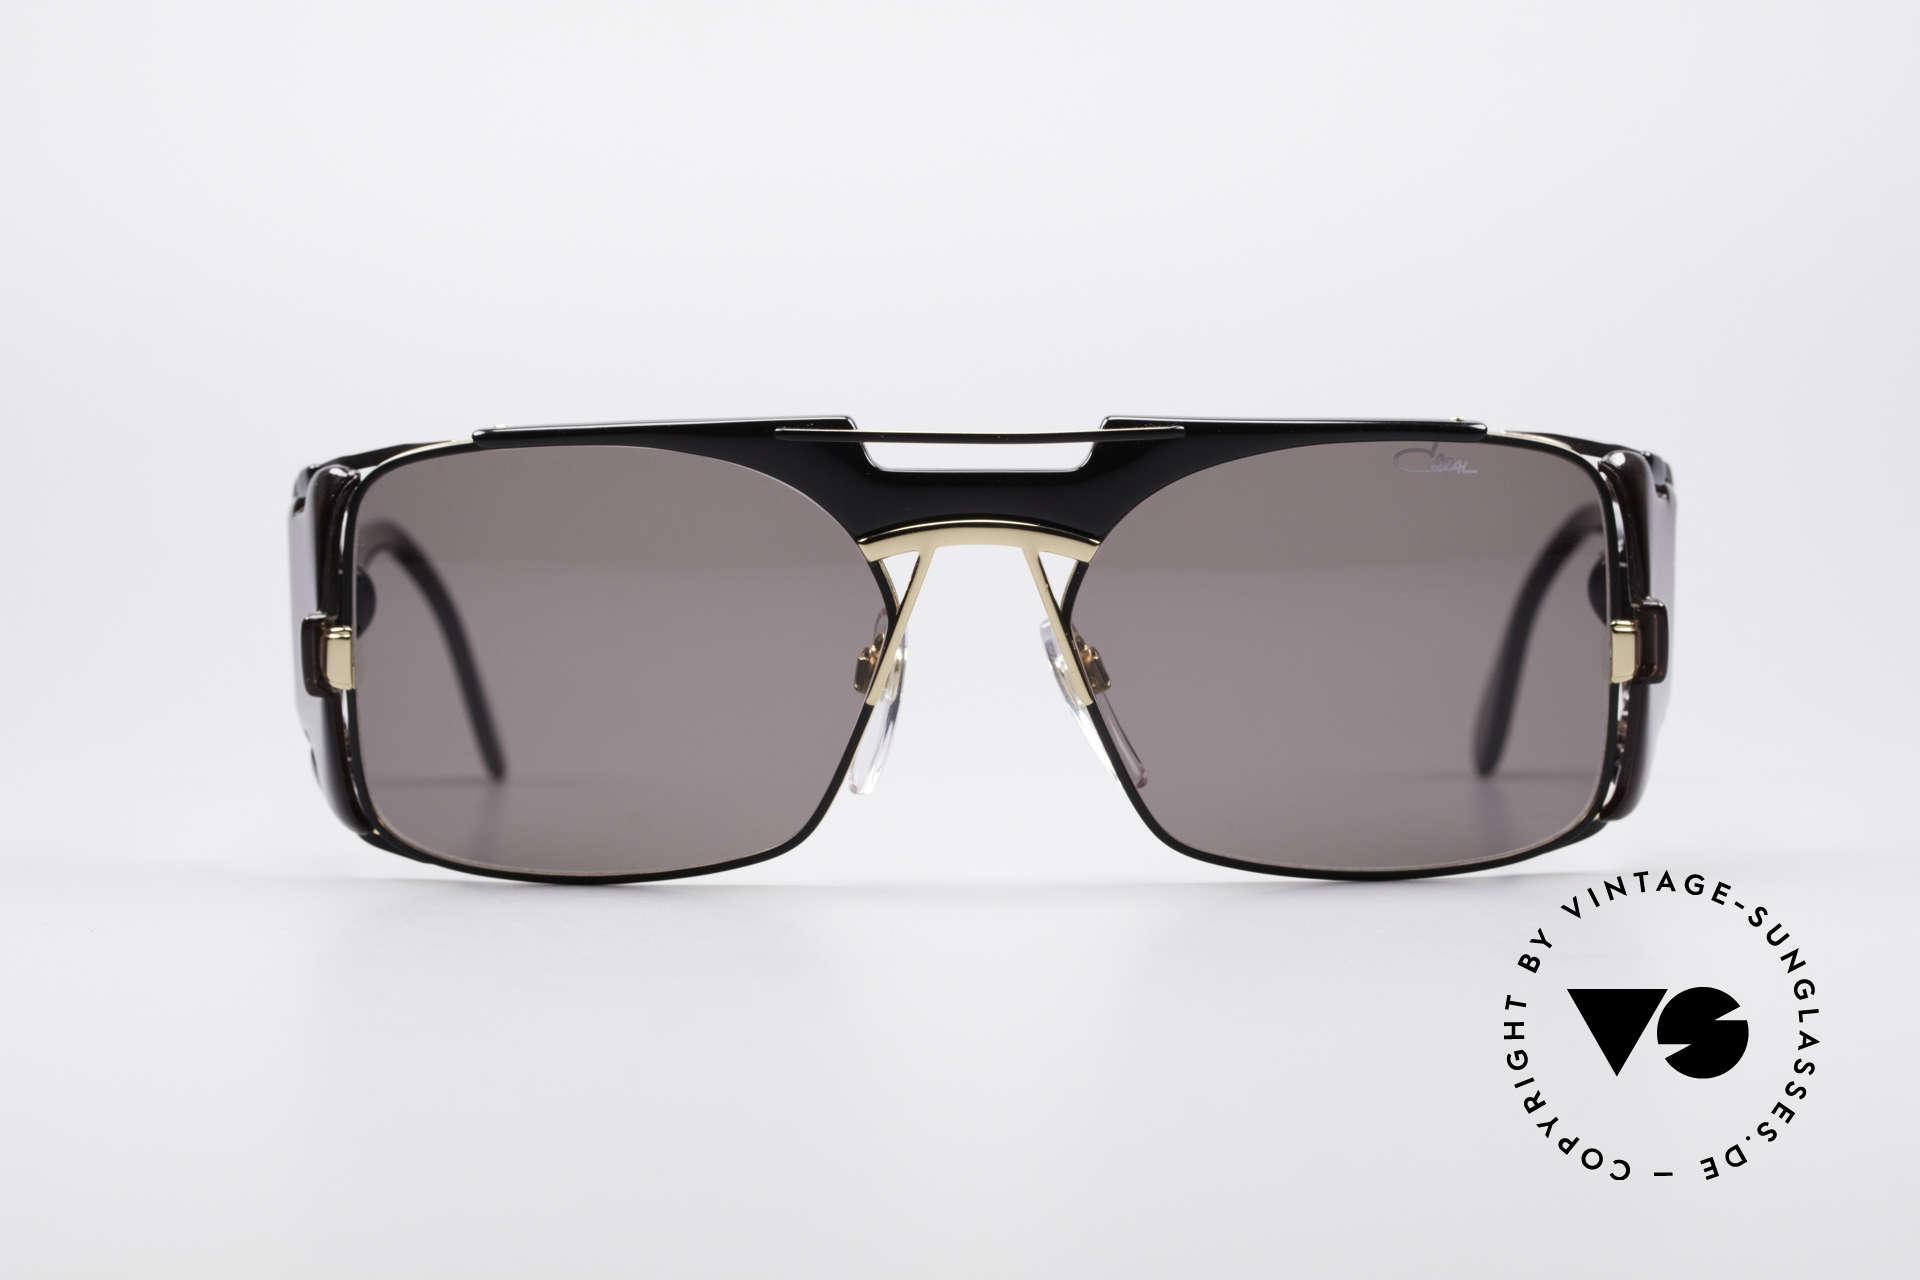 Cazal 963 Old School Hip Hop Brille, grandioses Seitenscheiben-Design von CAri ZALloni, Passend für Herren und Damen